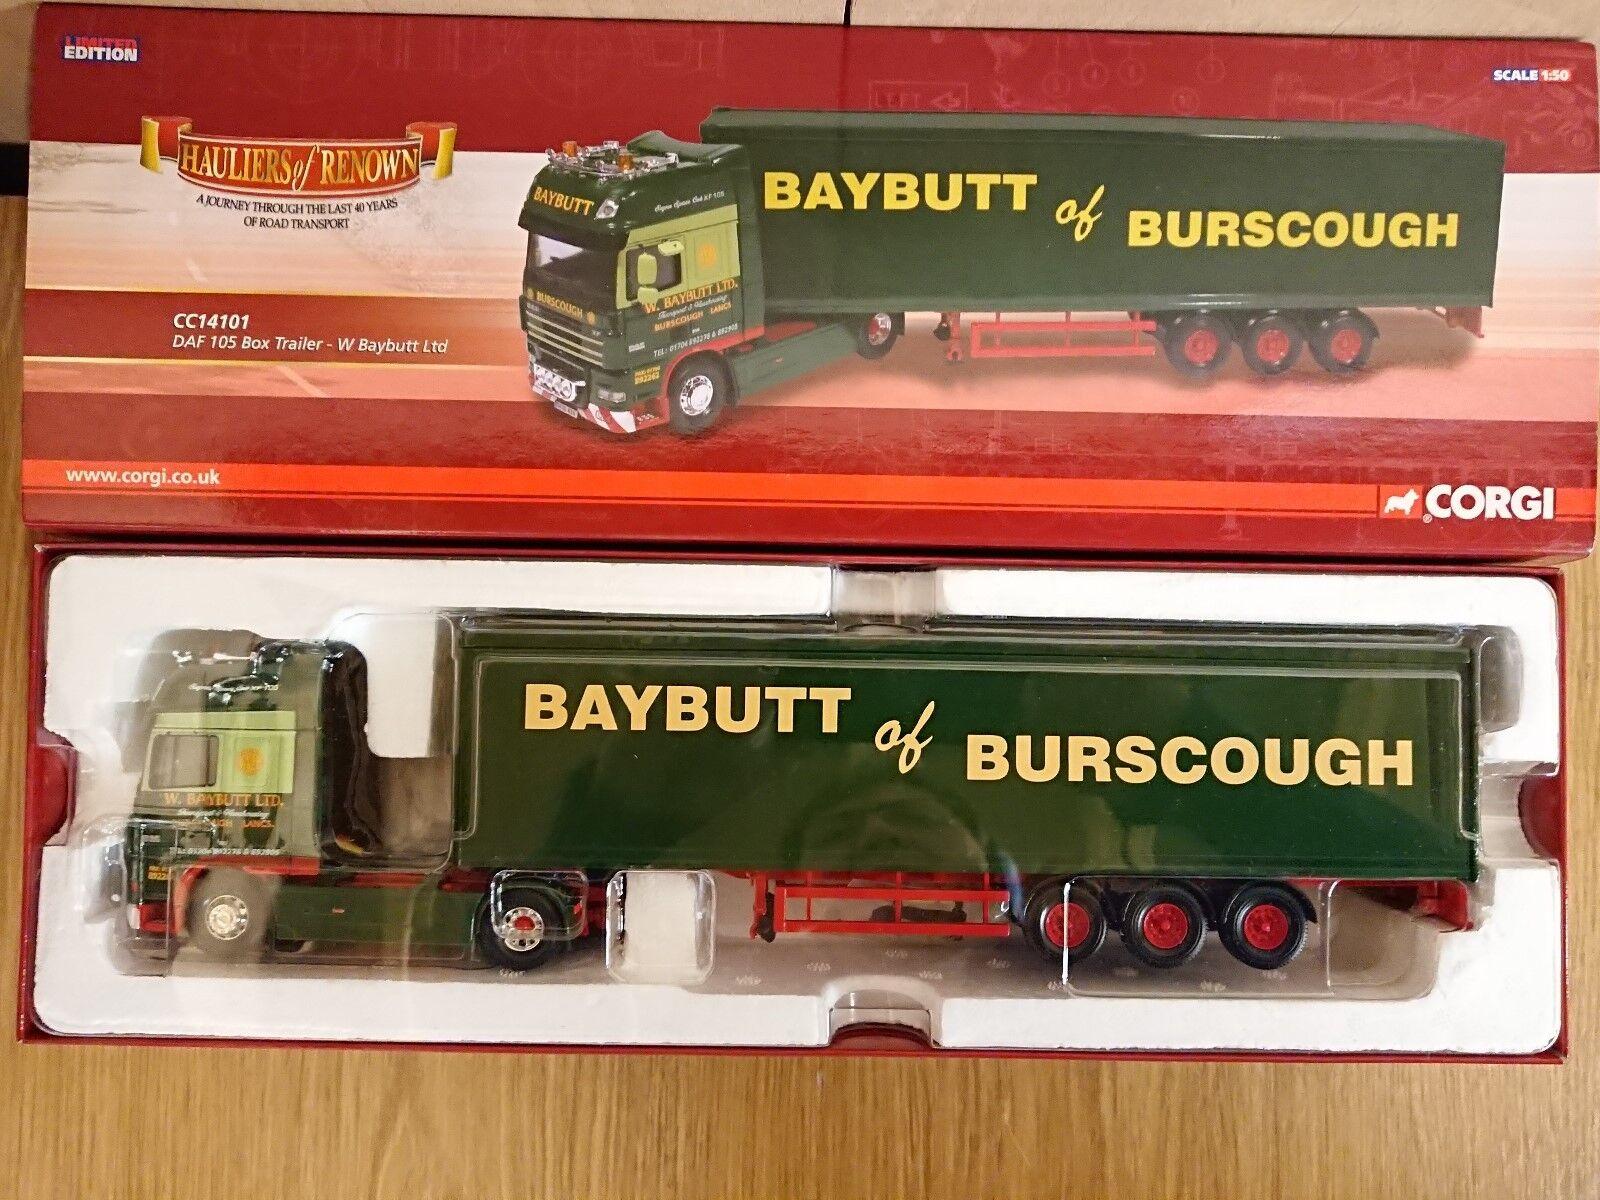 Corgi CC14101 DAF 105 Box Trailer W. Baybutt Ltd Edition No. 0002 of ONLY 1610